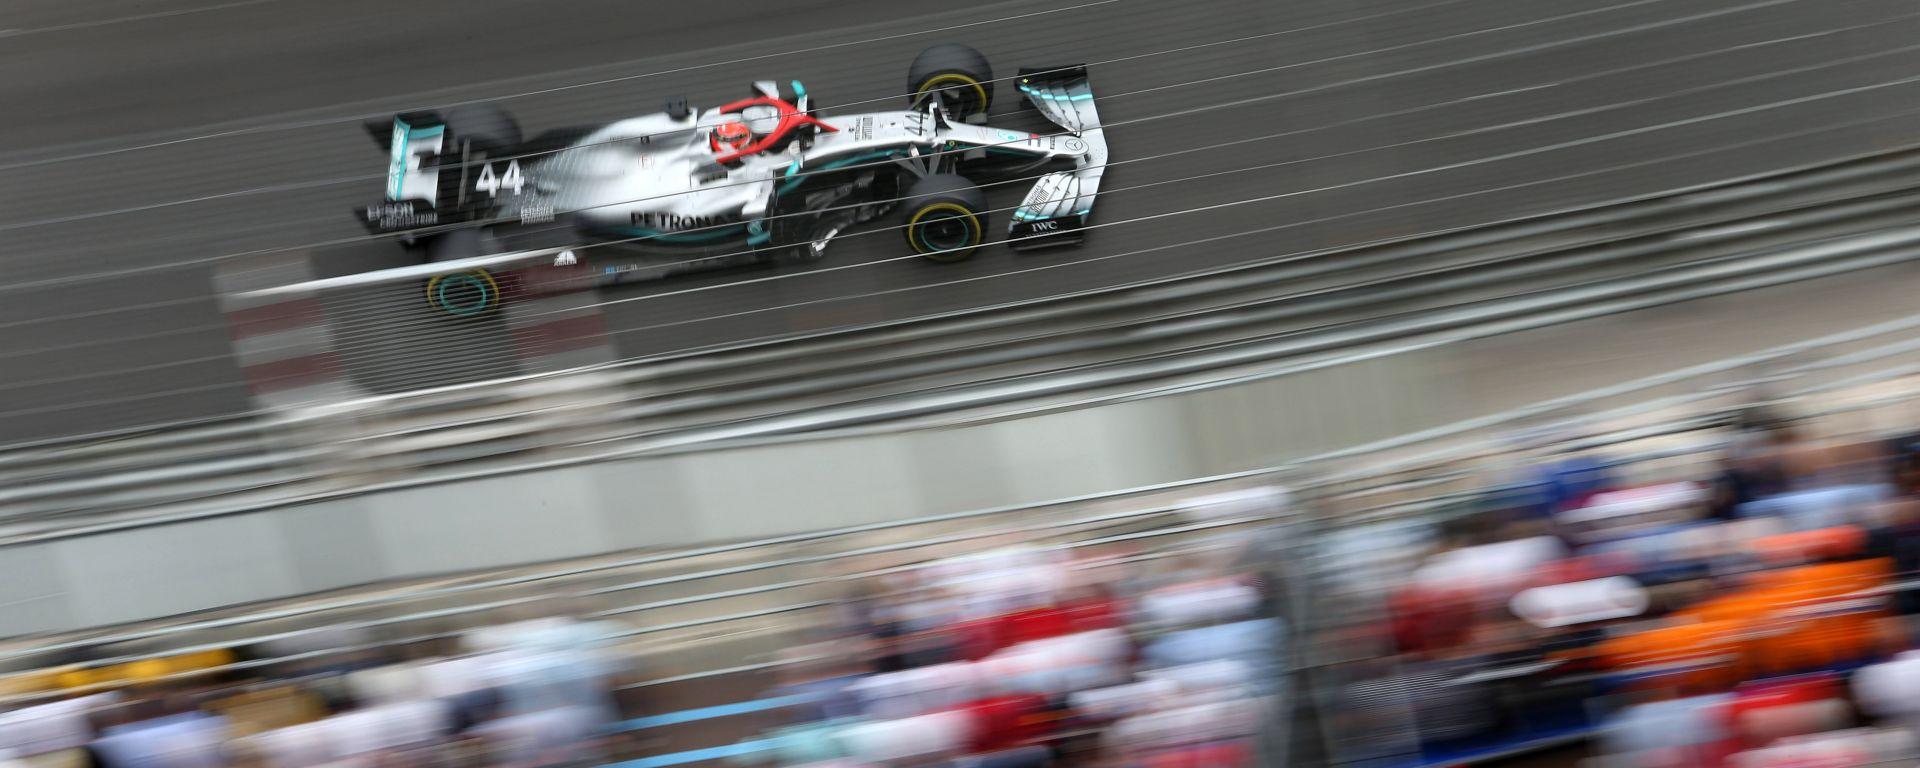 Mercedes a Montreal con il motore evo. Parola di Hamilton